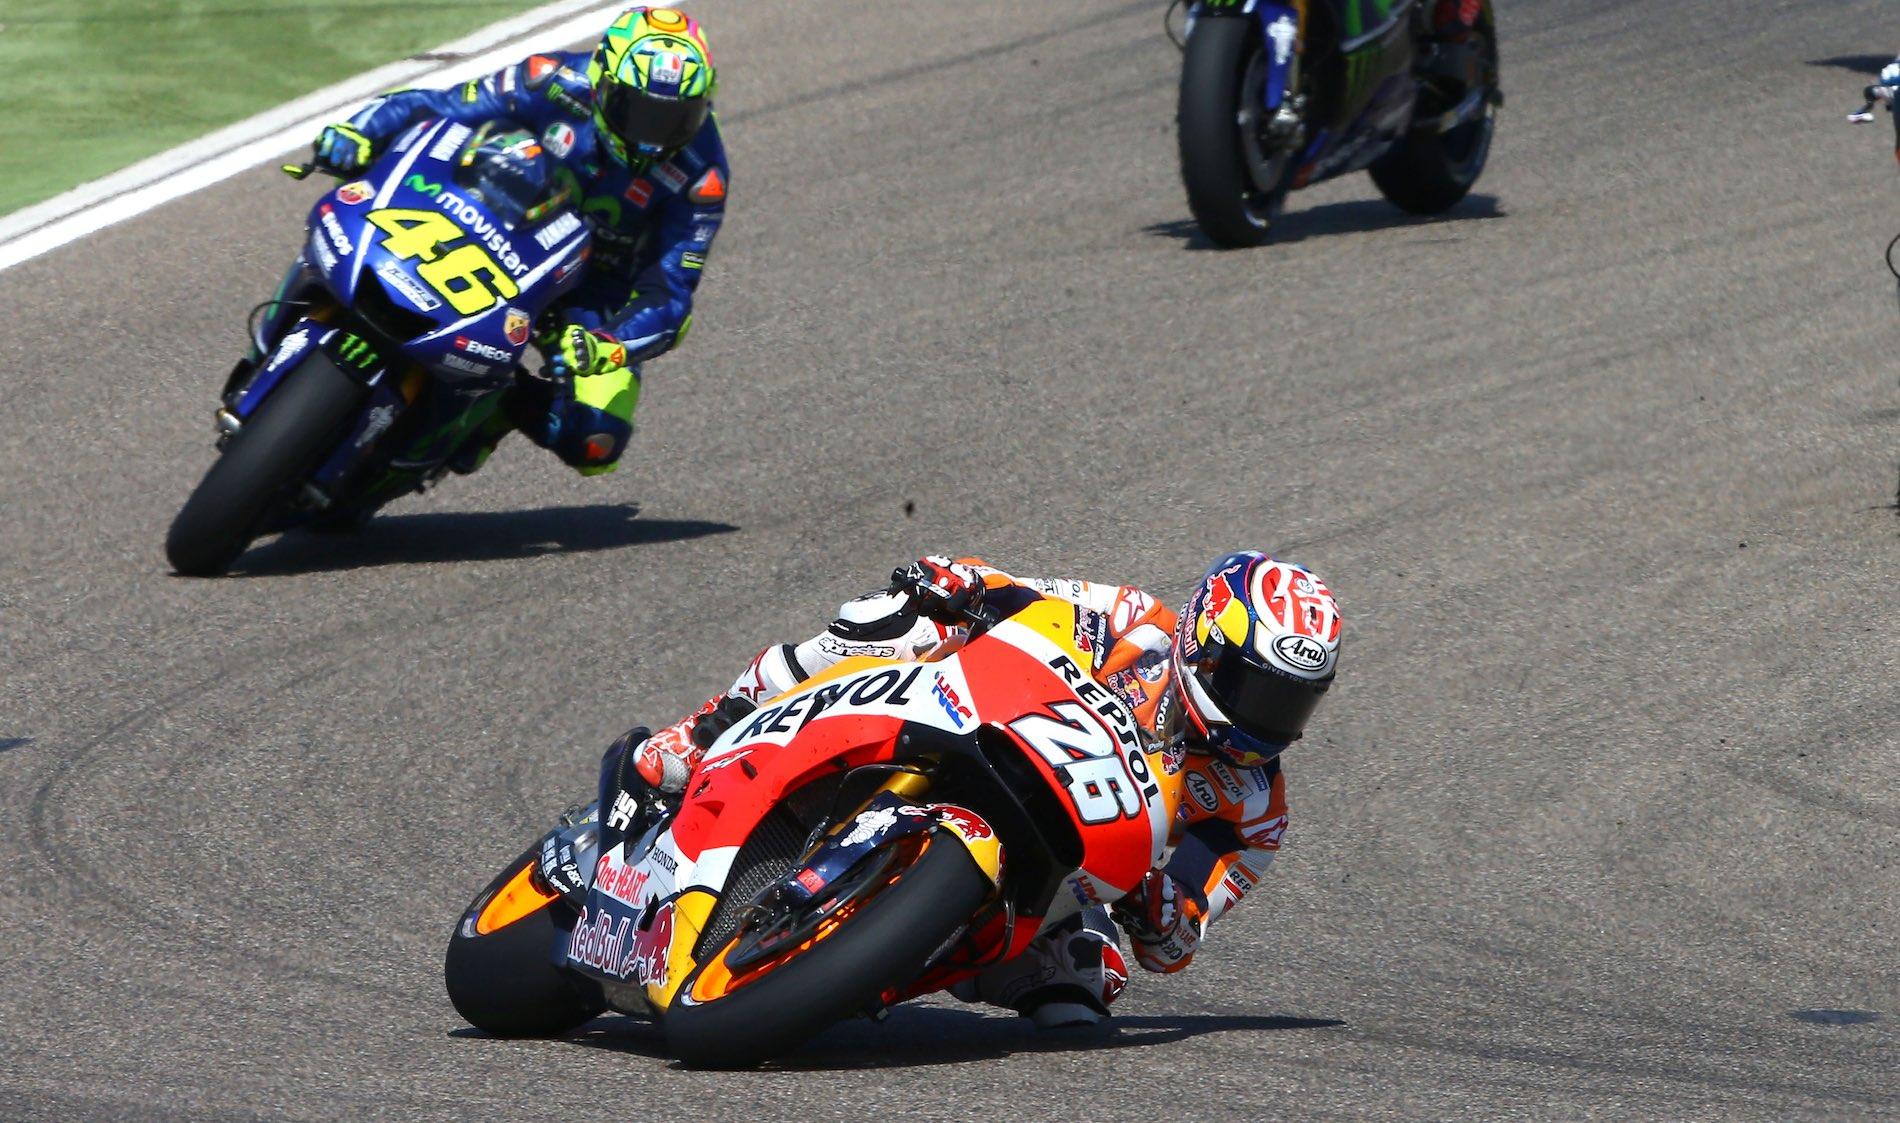 Valentino Rossi y Dani Pedrosa, ¿había razón para la polémica?